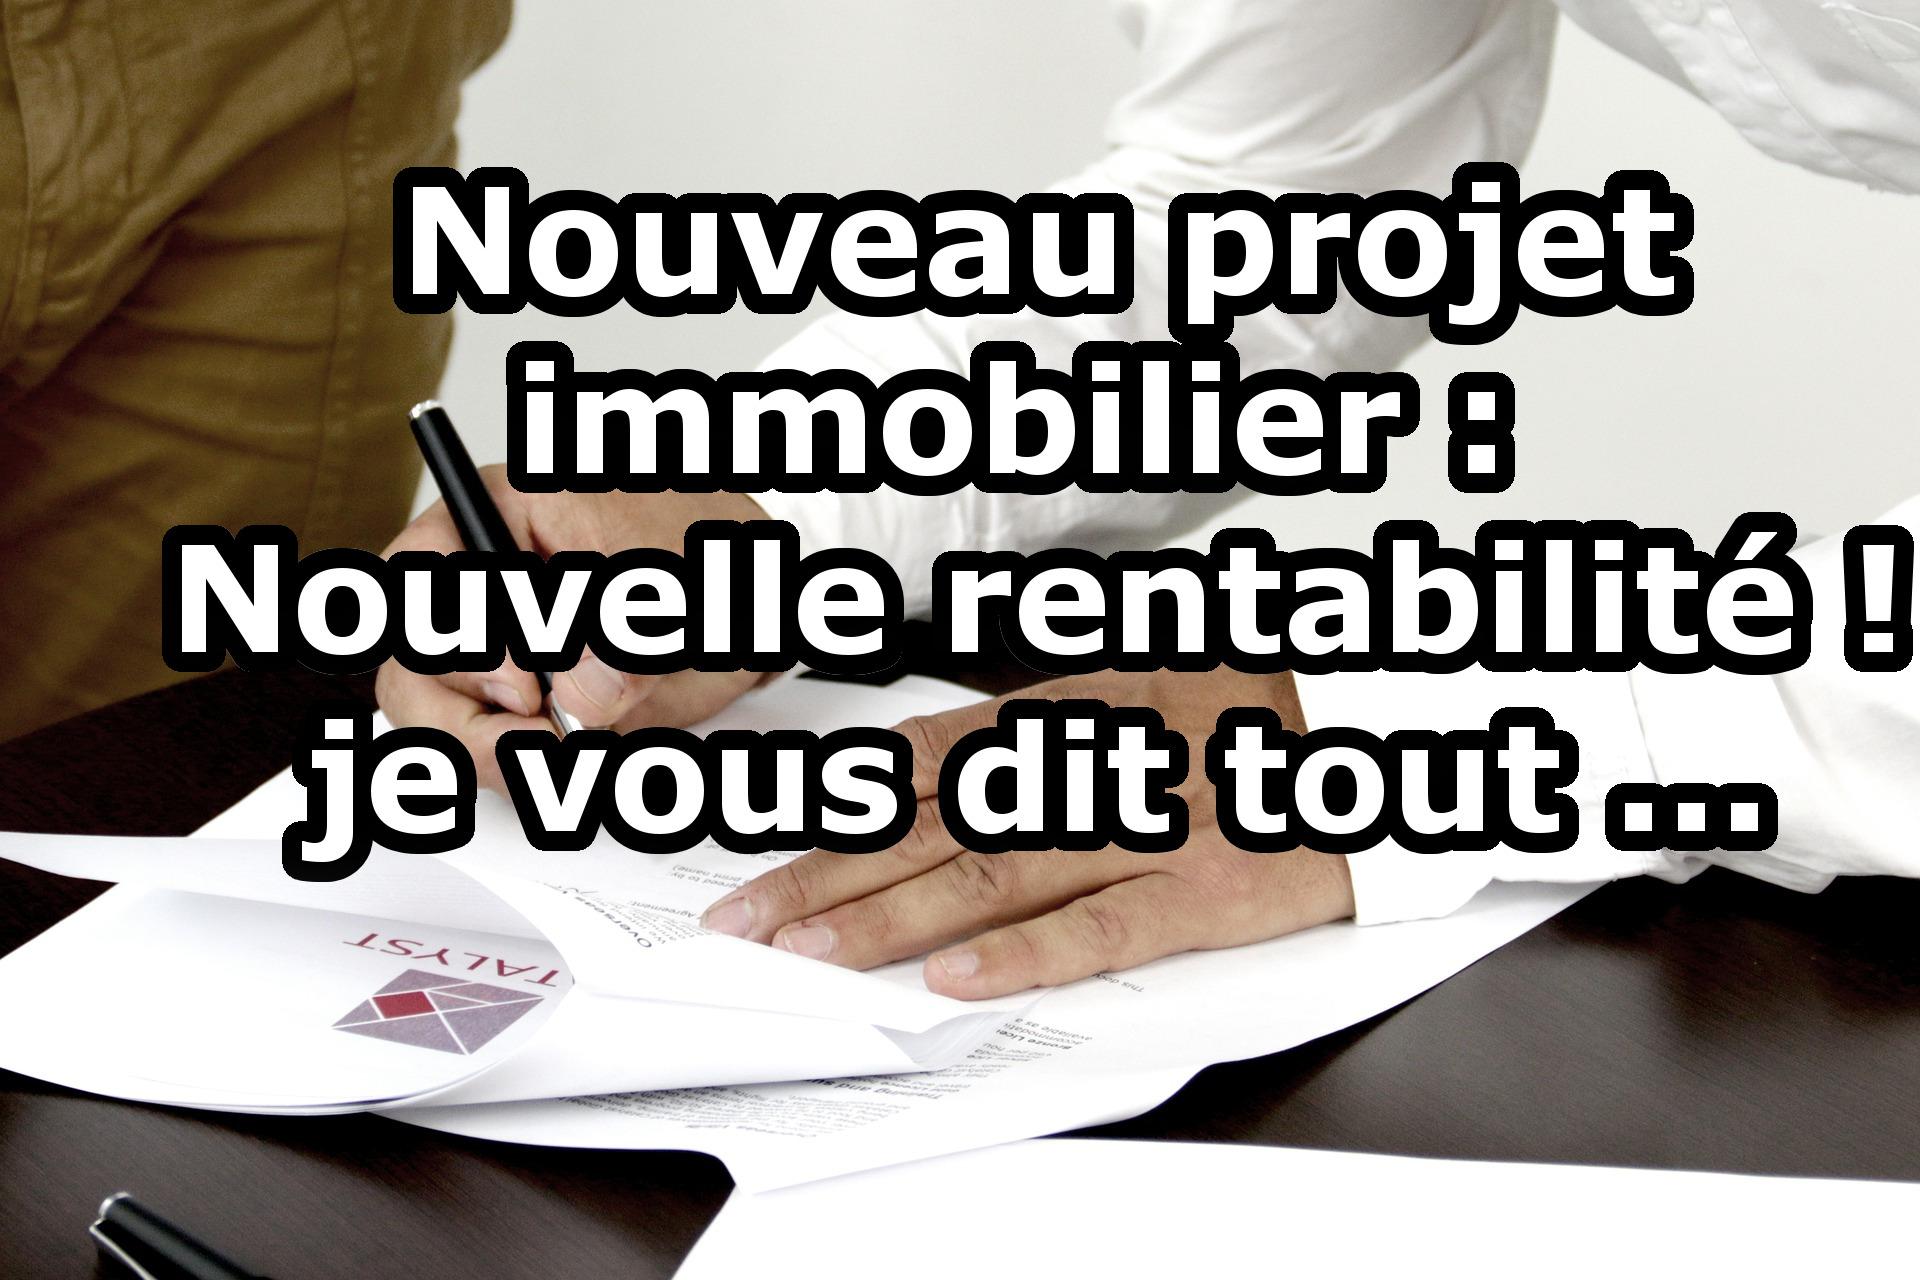 Nouveau projet immobilier : nouvelle rentabilité ! je vous dit tout …